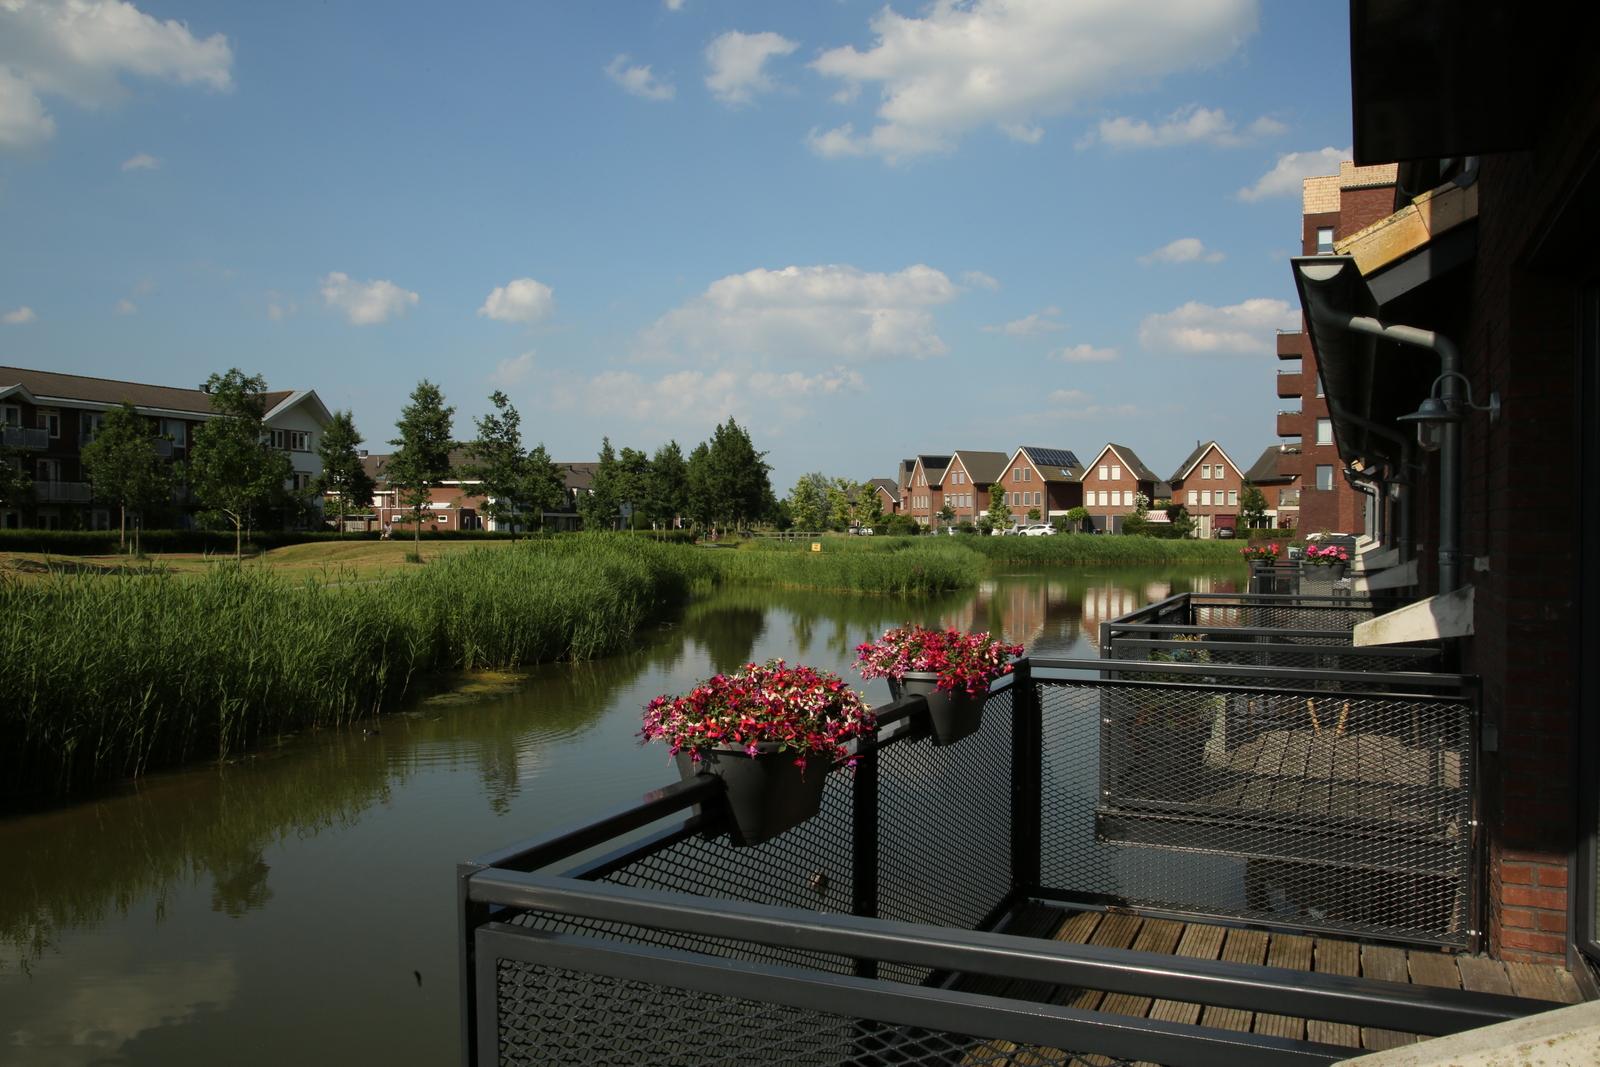 Studienreise für Experten des Städtebaus und der Stadtgestaltung aus dem Moskauer Gebiet in die Niederlande